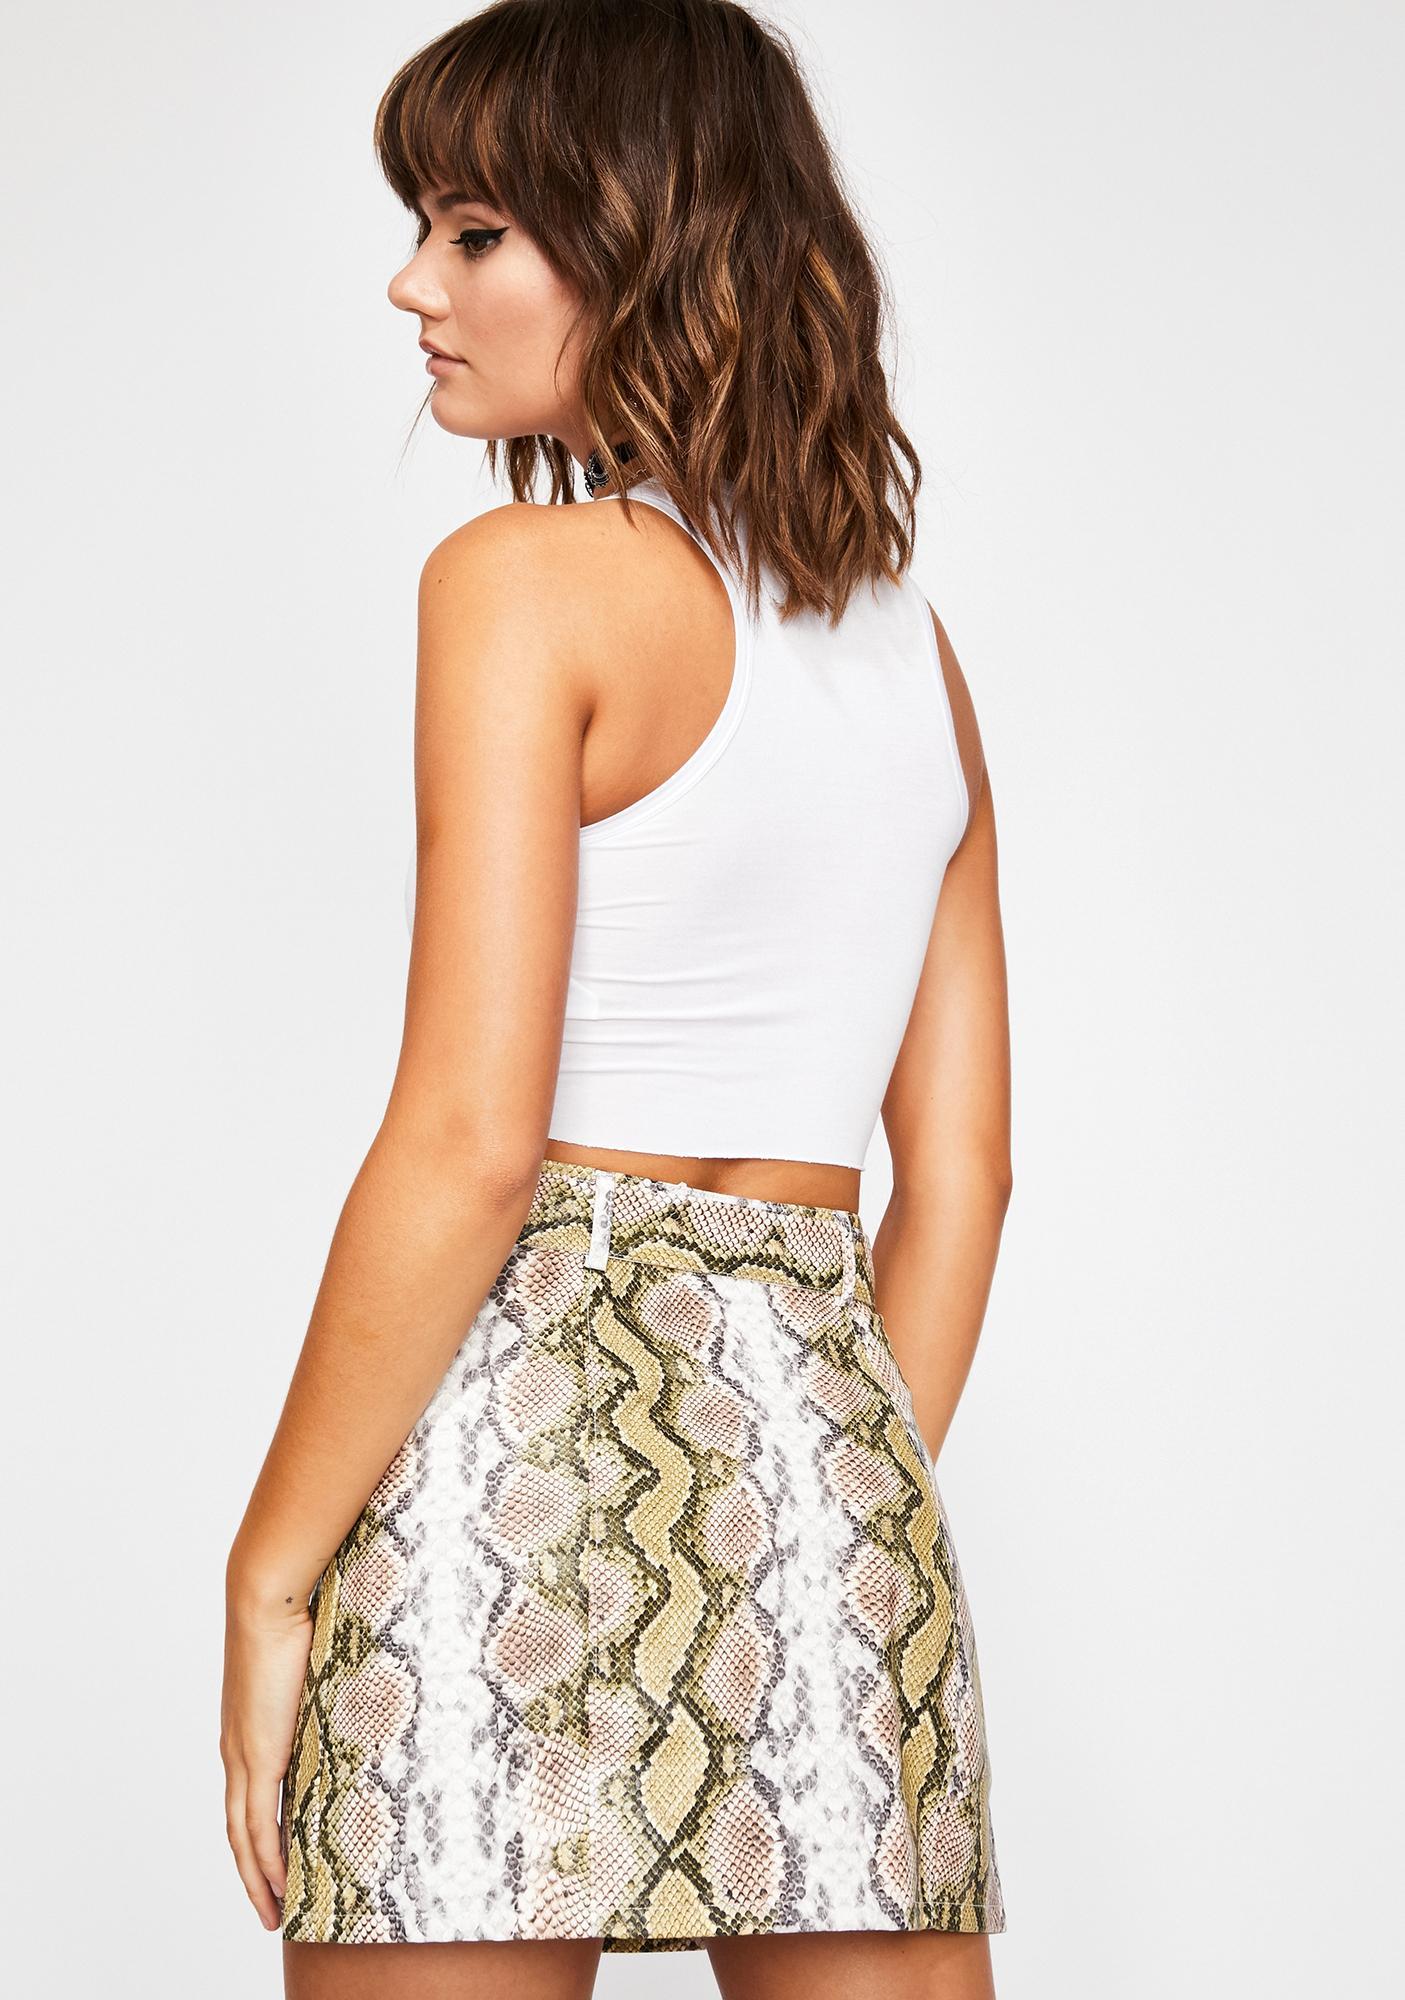 Poisonous Sahara Snakeskin Skirt